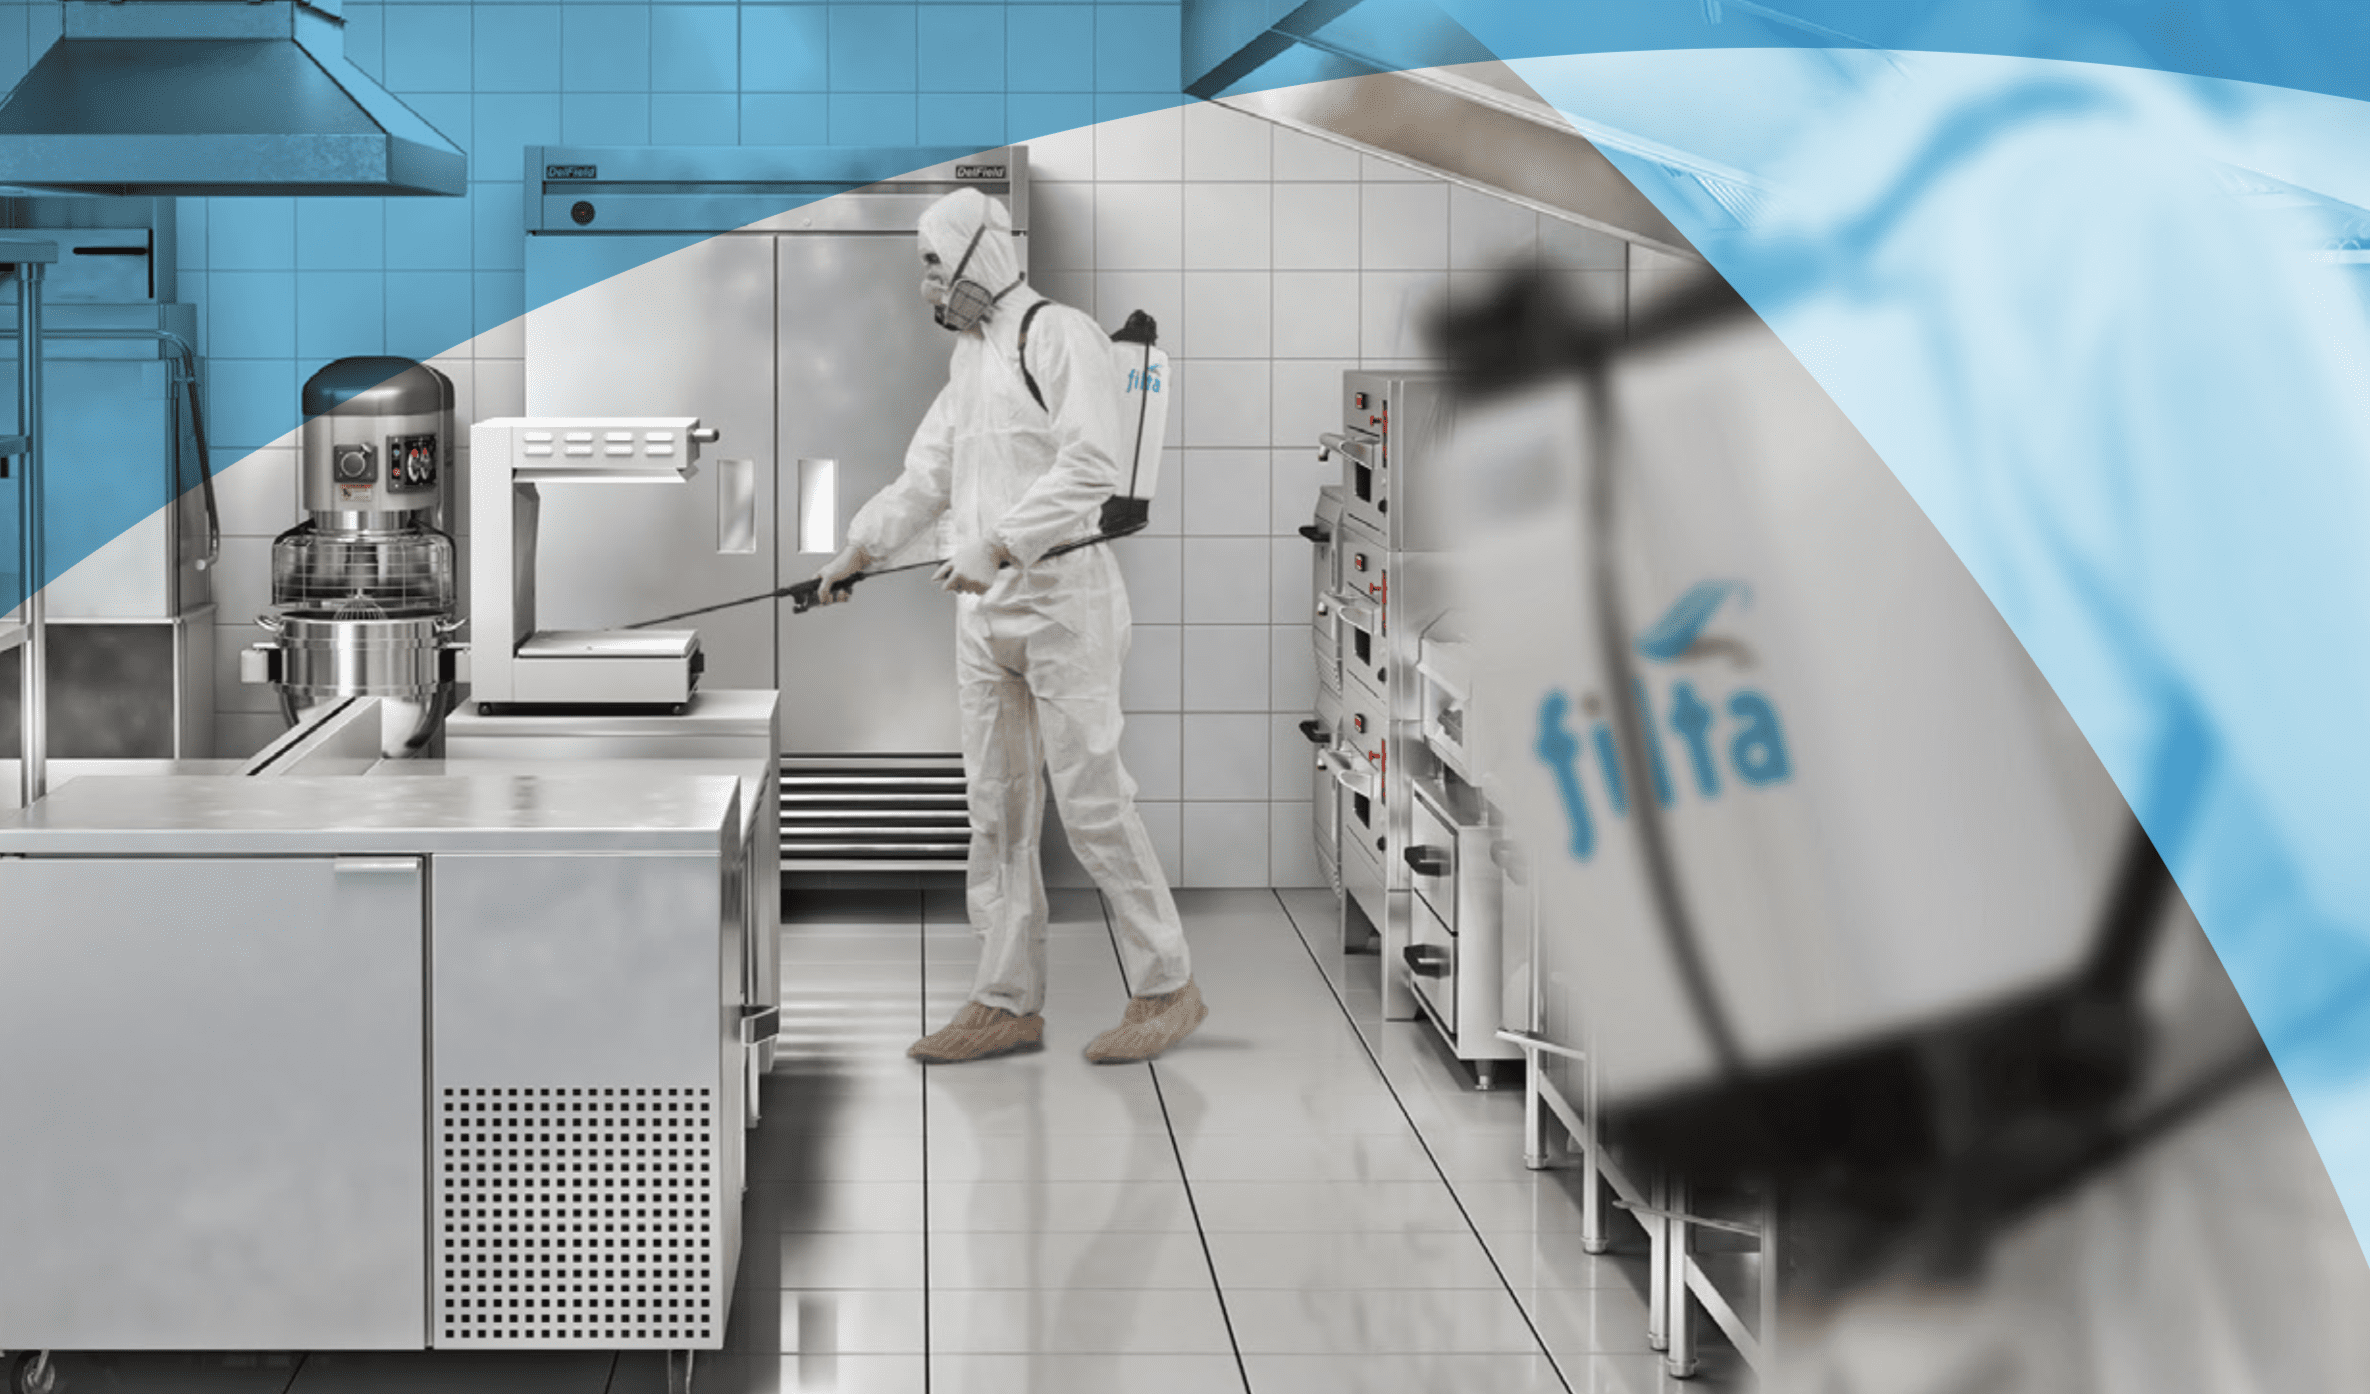 Coronavirus cleaning kitchen - Filta environmental